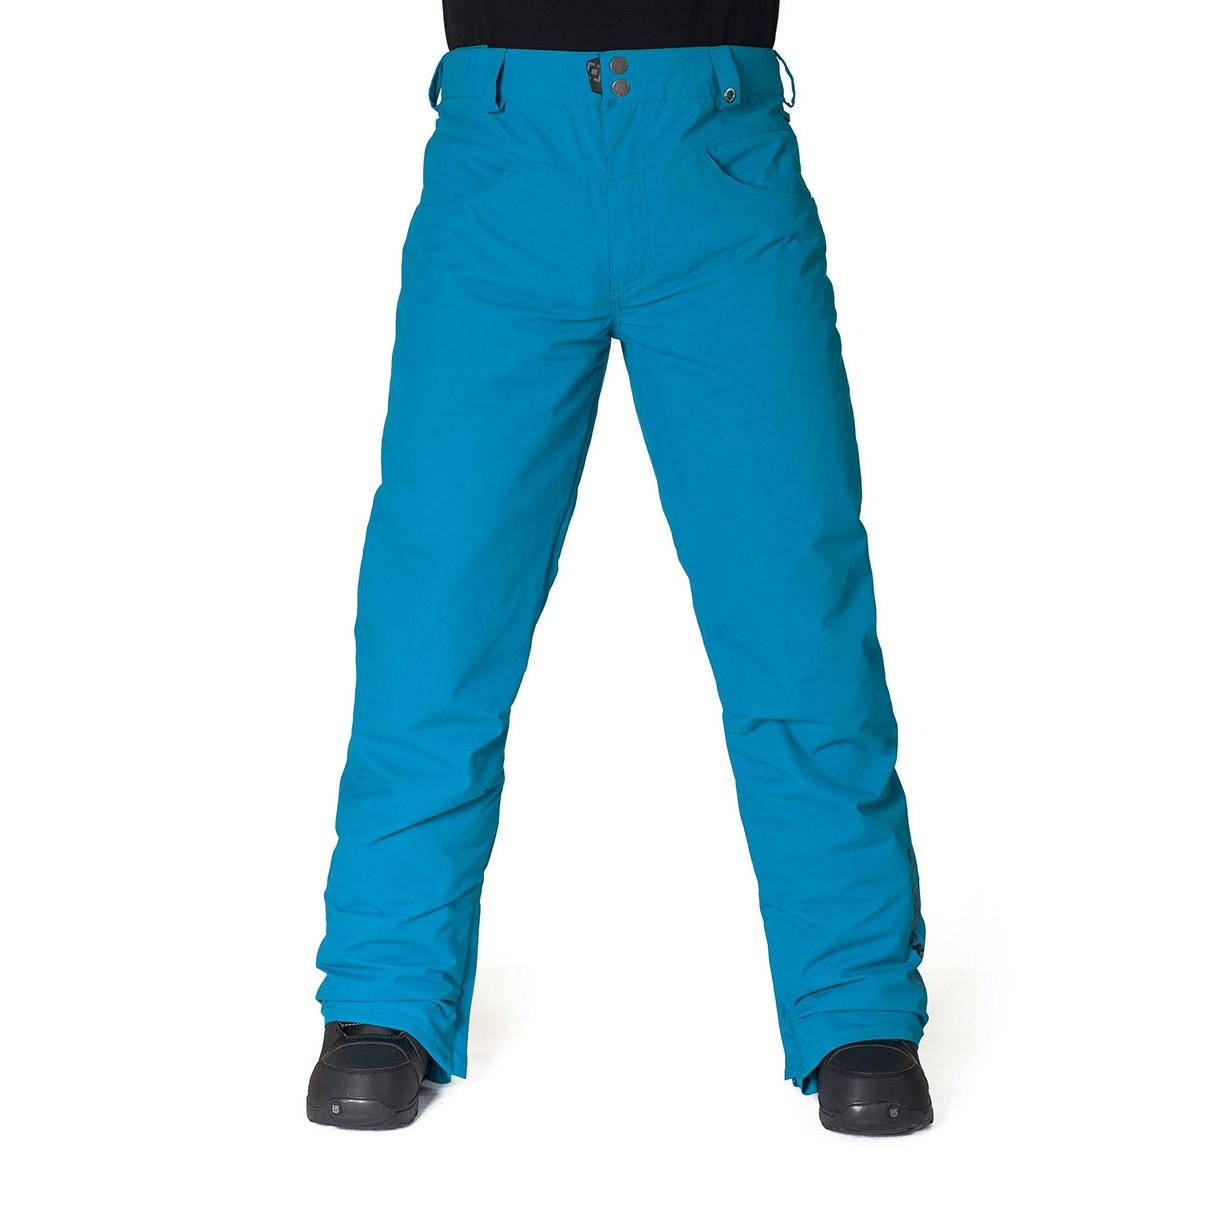 Kalhoty Horsefeathers Roulette blue